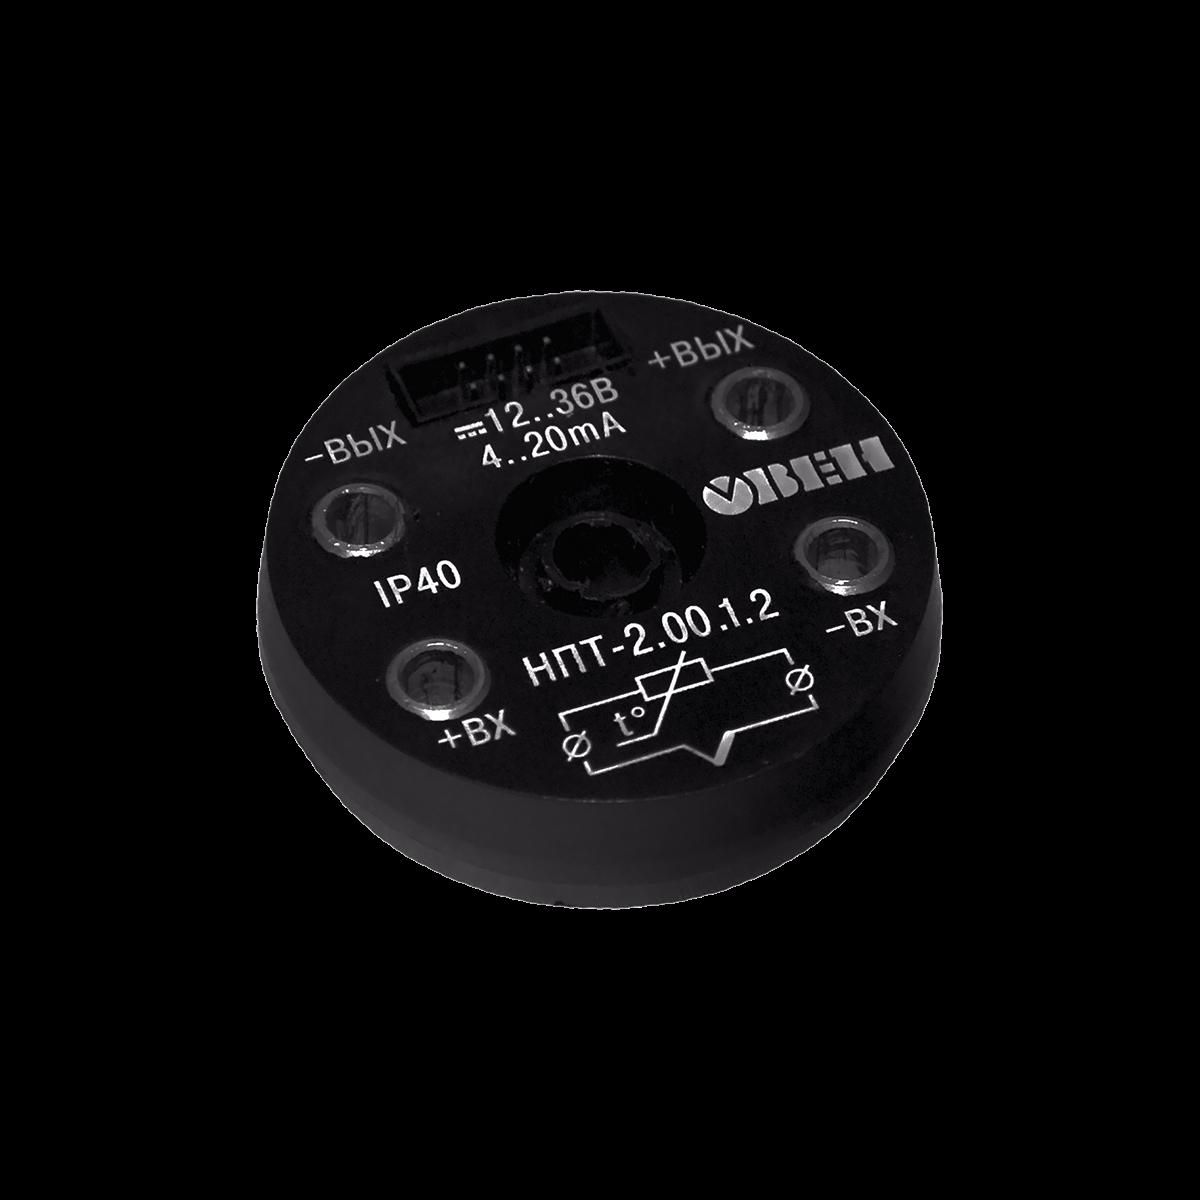 НПТ-2 нормирующий преобразователь для установки в головку датчика